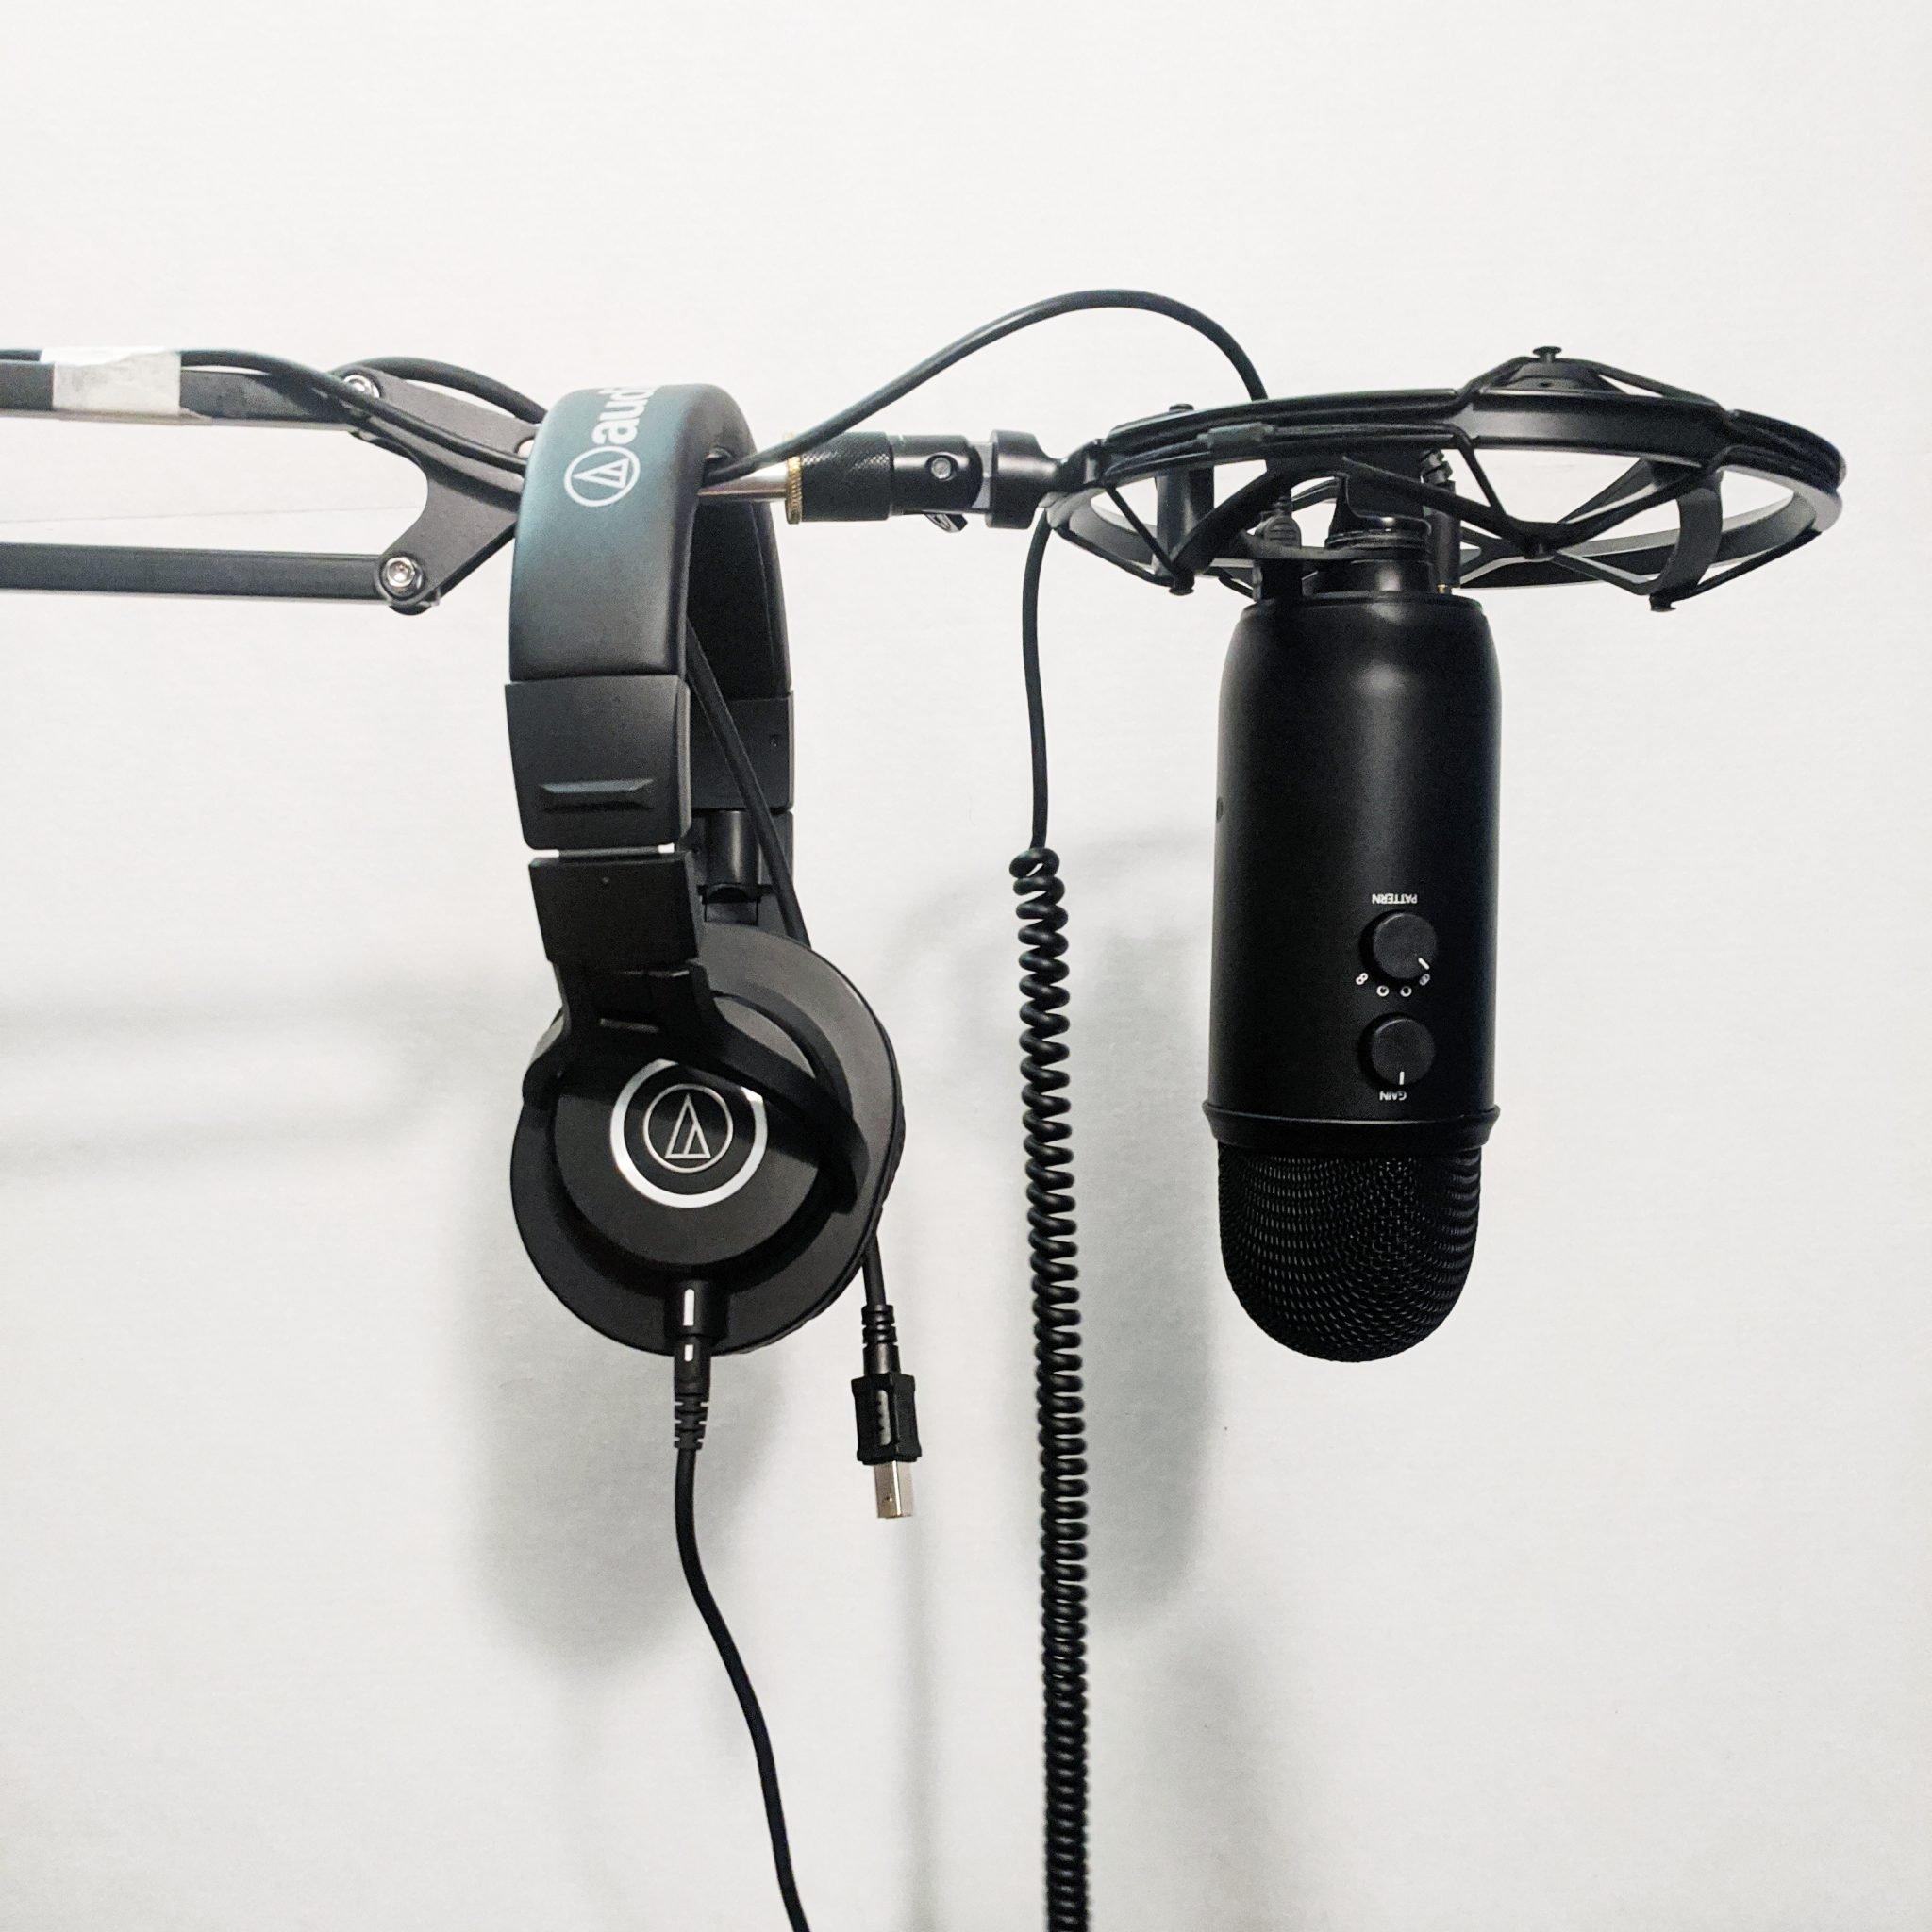 Kuinka Mestan podcast-huone toimii?